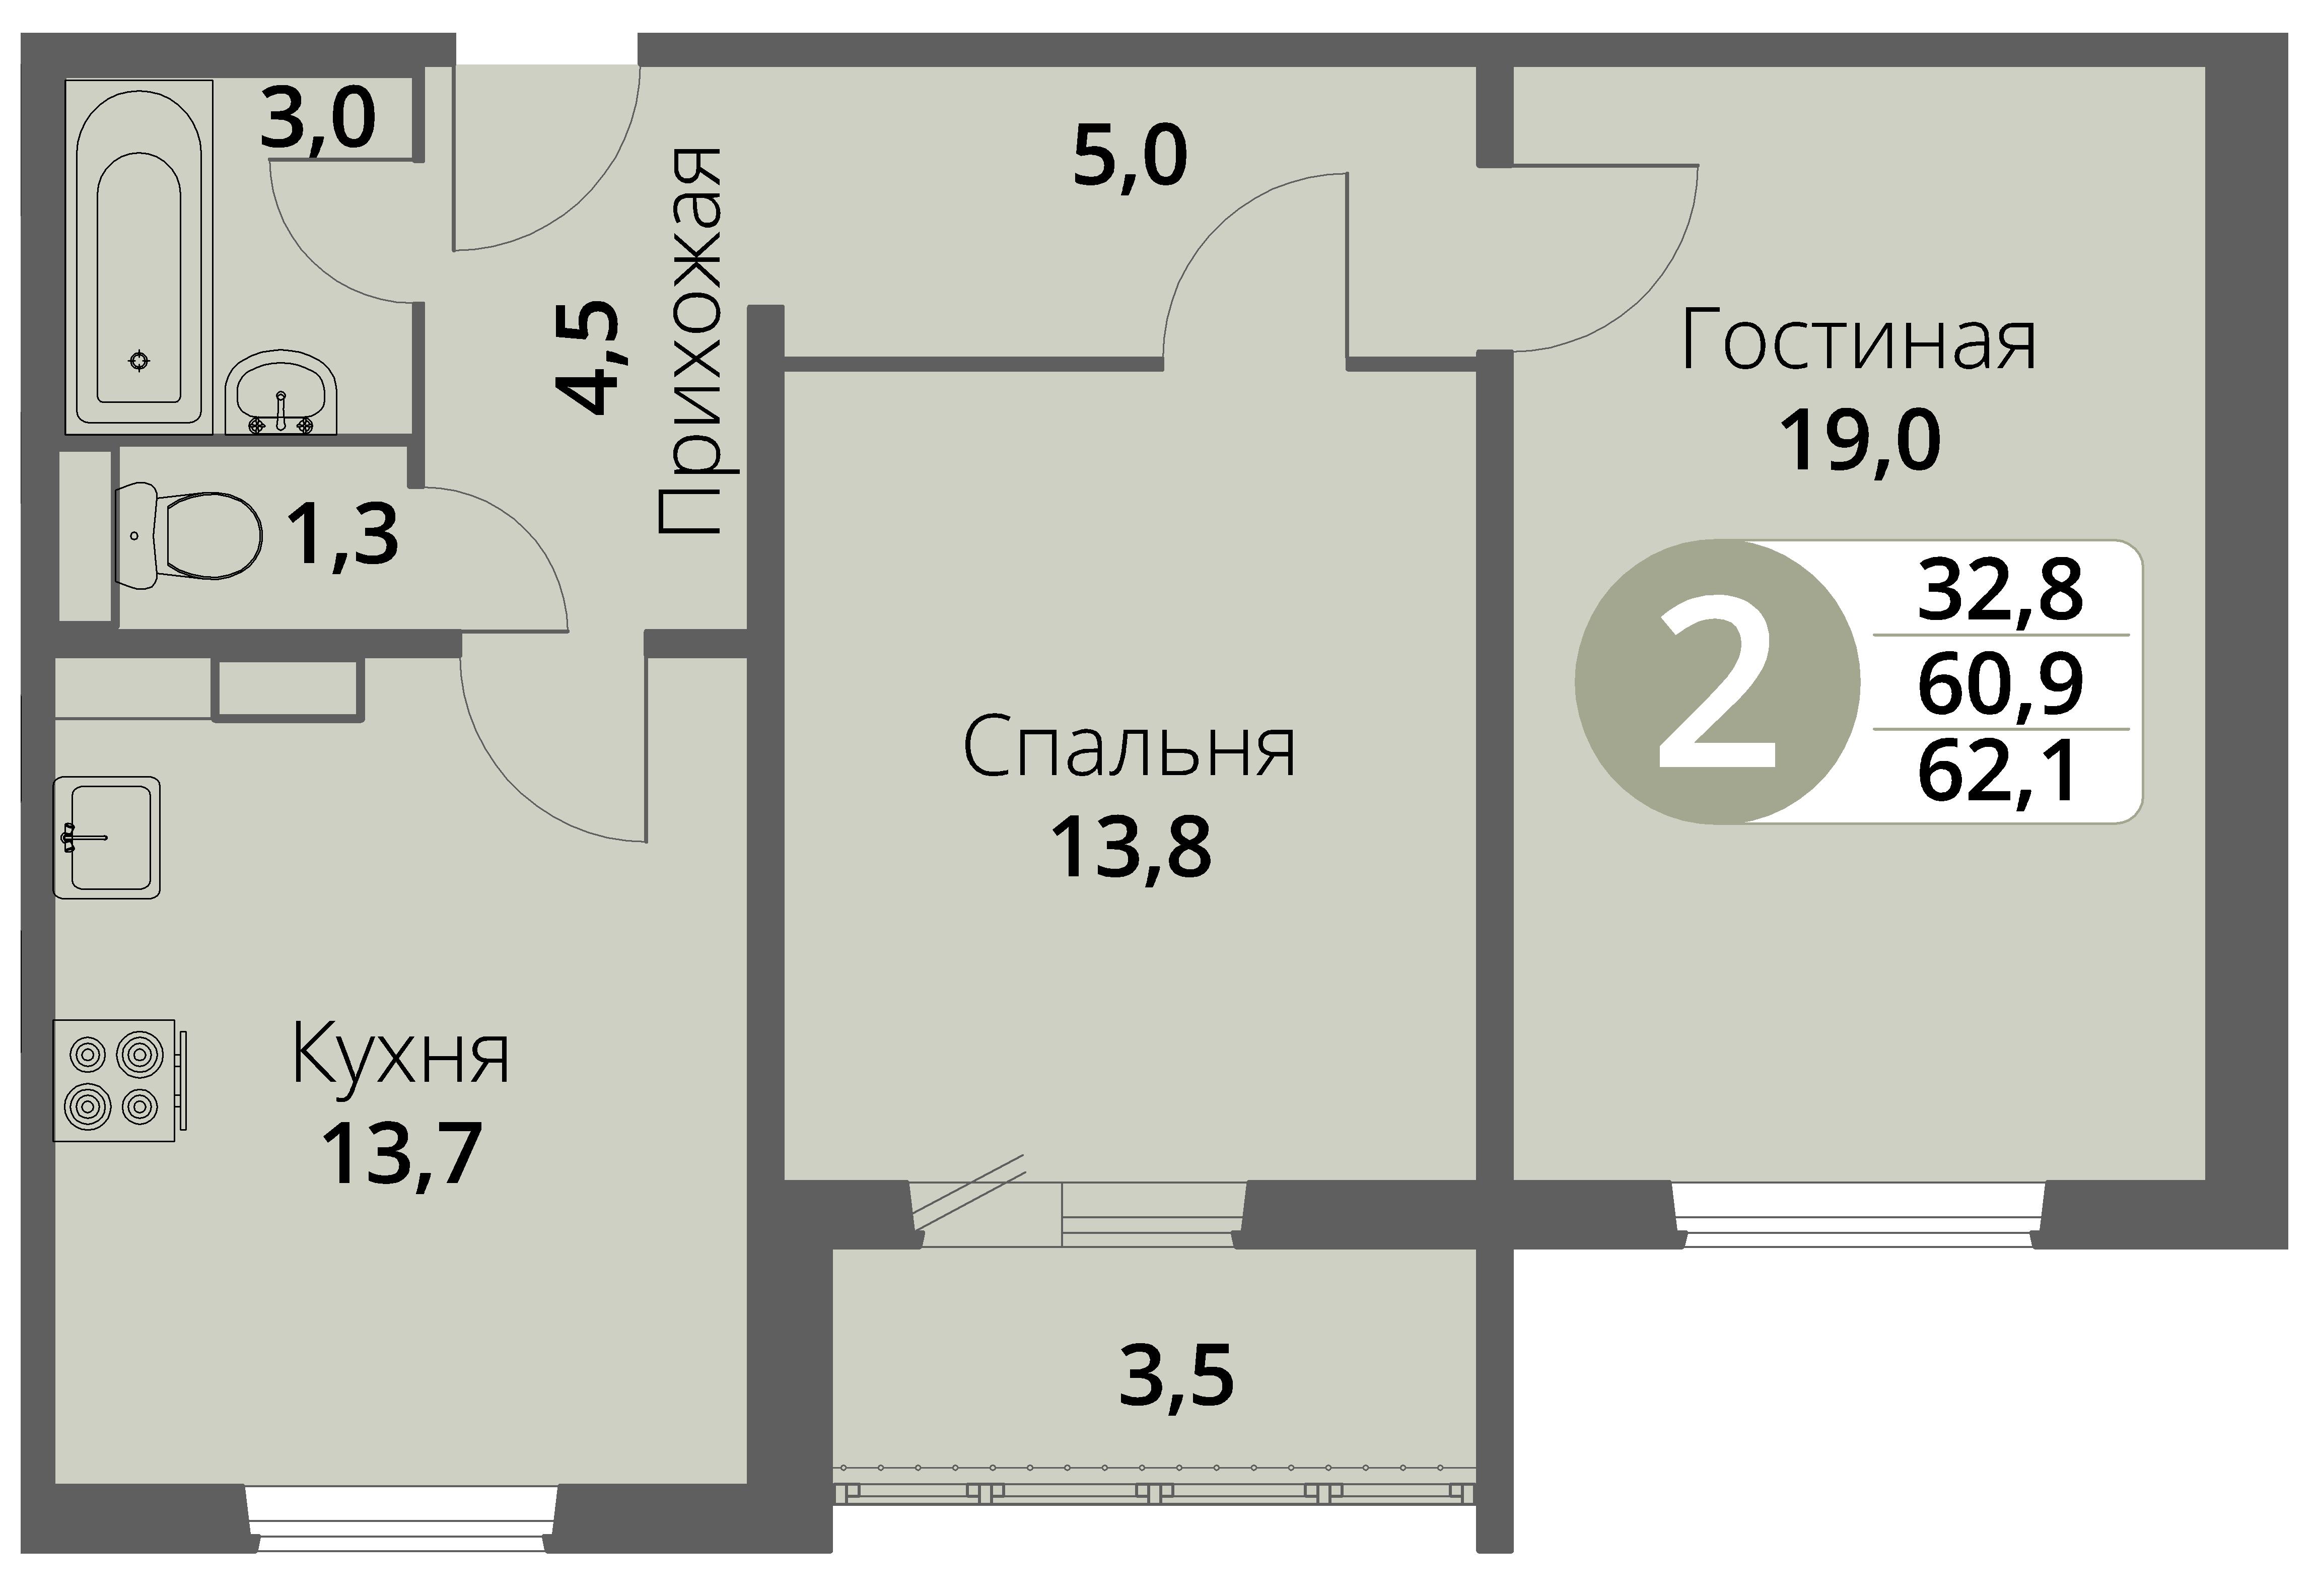 Зареченская 1-1, квартира 52 - Двухкомнатная